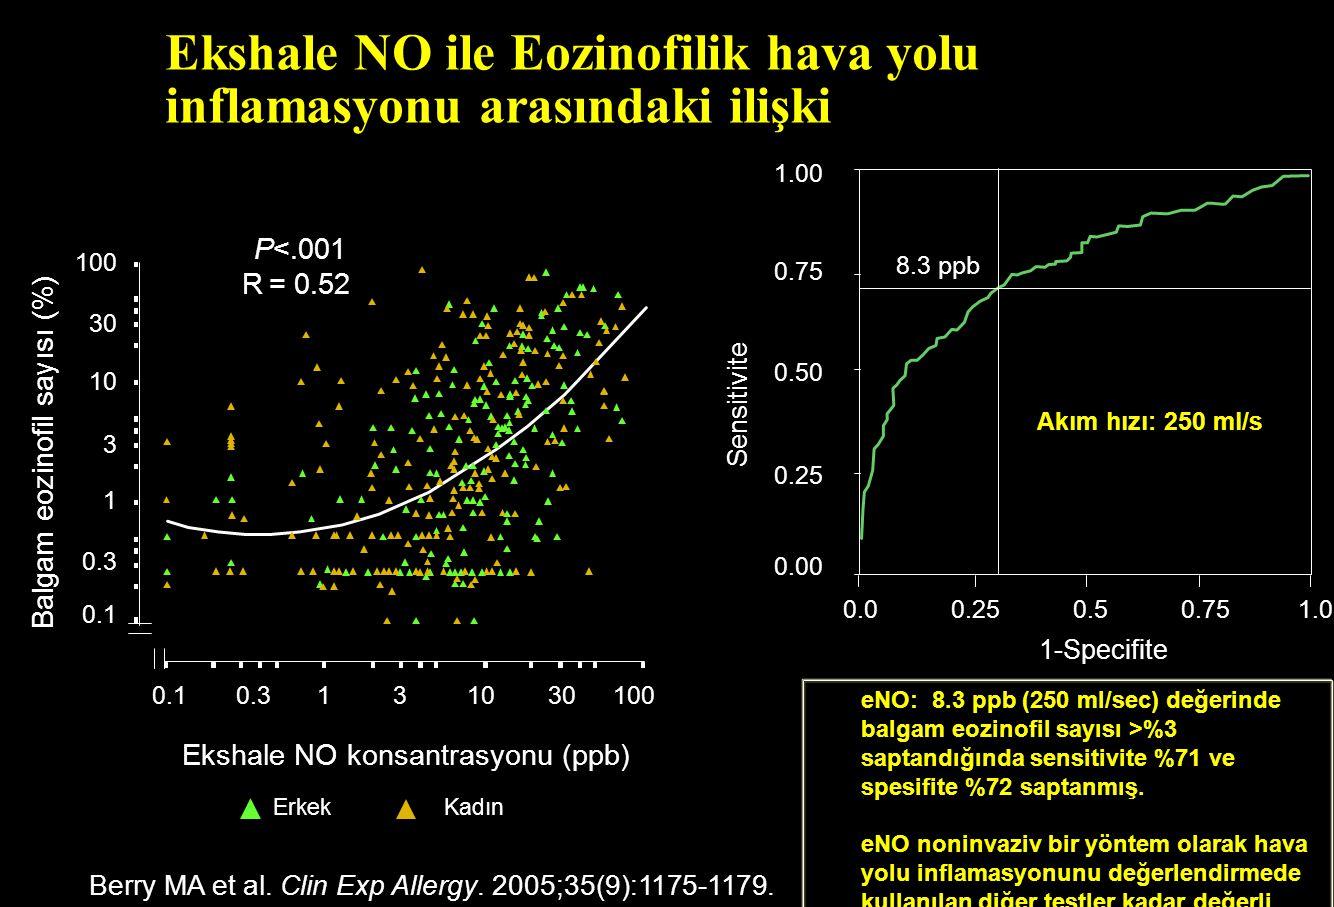 Ekshale NO ile Eozinofilik hava yolu inflamasyonu arasındaki ilişki Berry MA et al. Clin Exp Allergy. 2005;35(9):1175-1179. Sensitivite 1-Specifite 1.